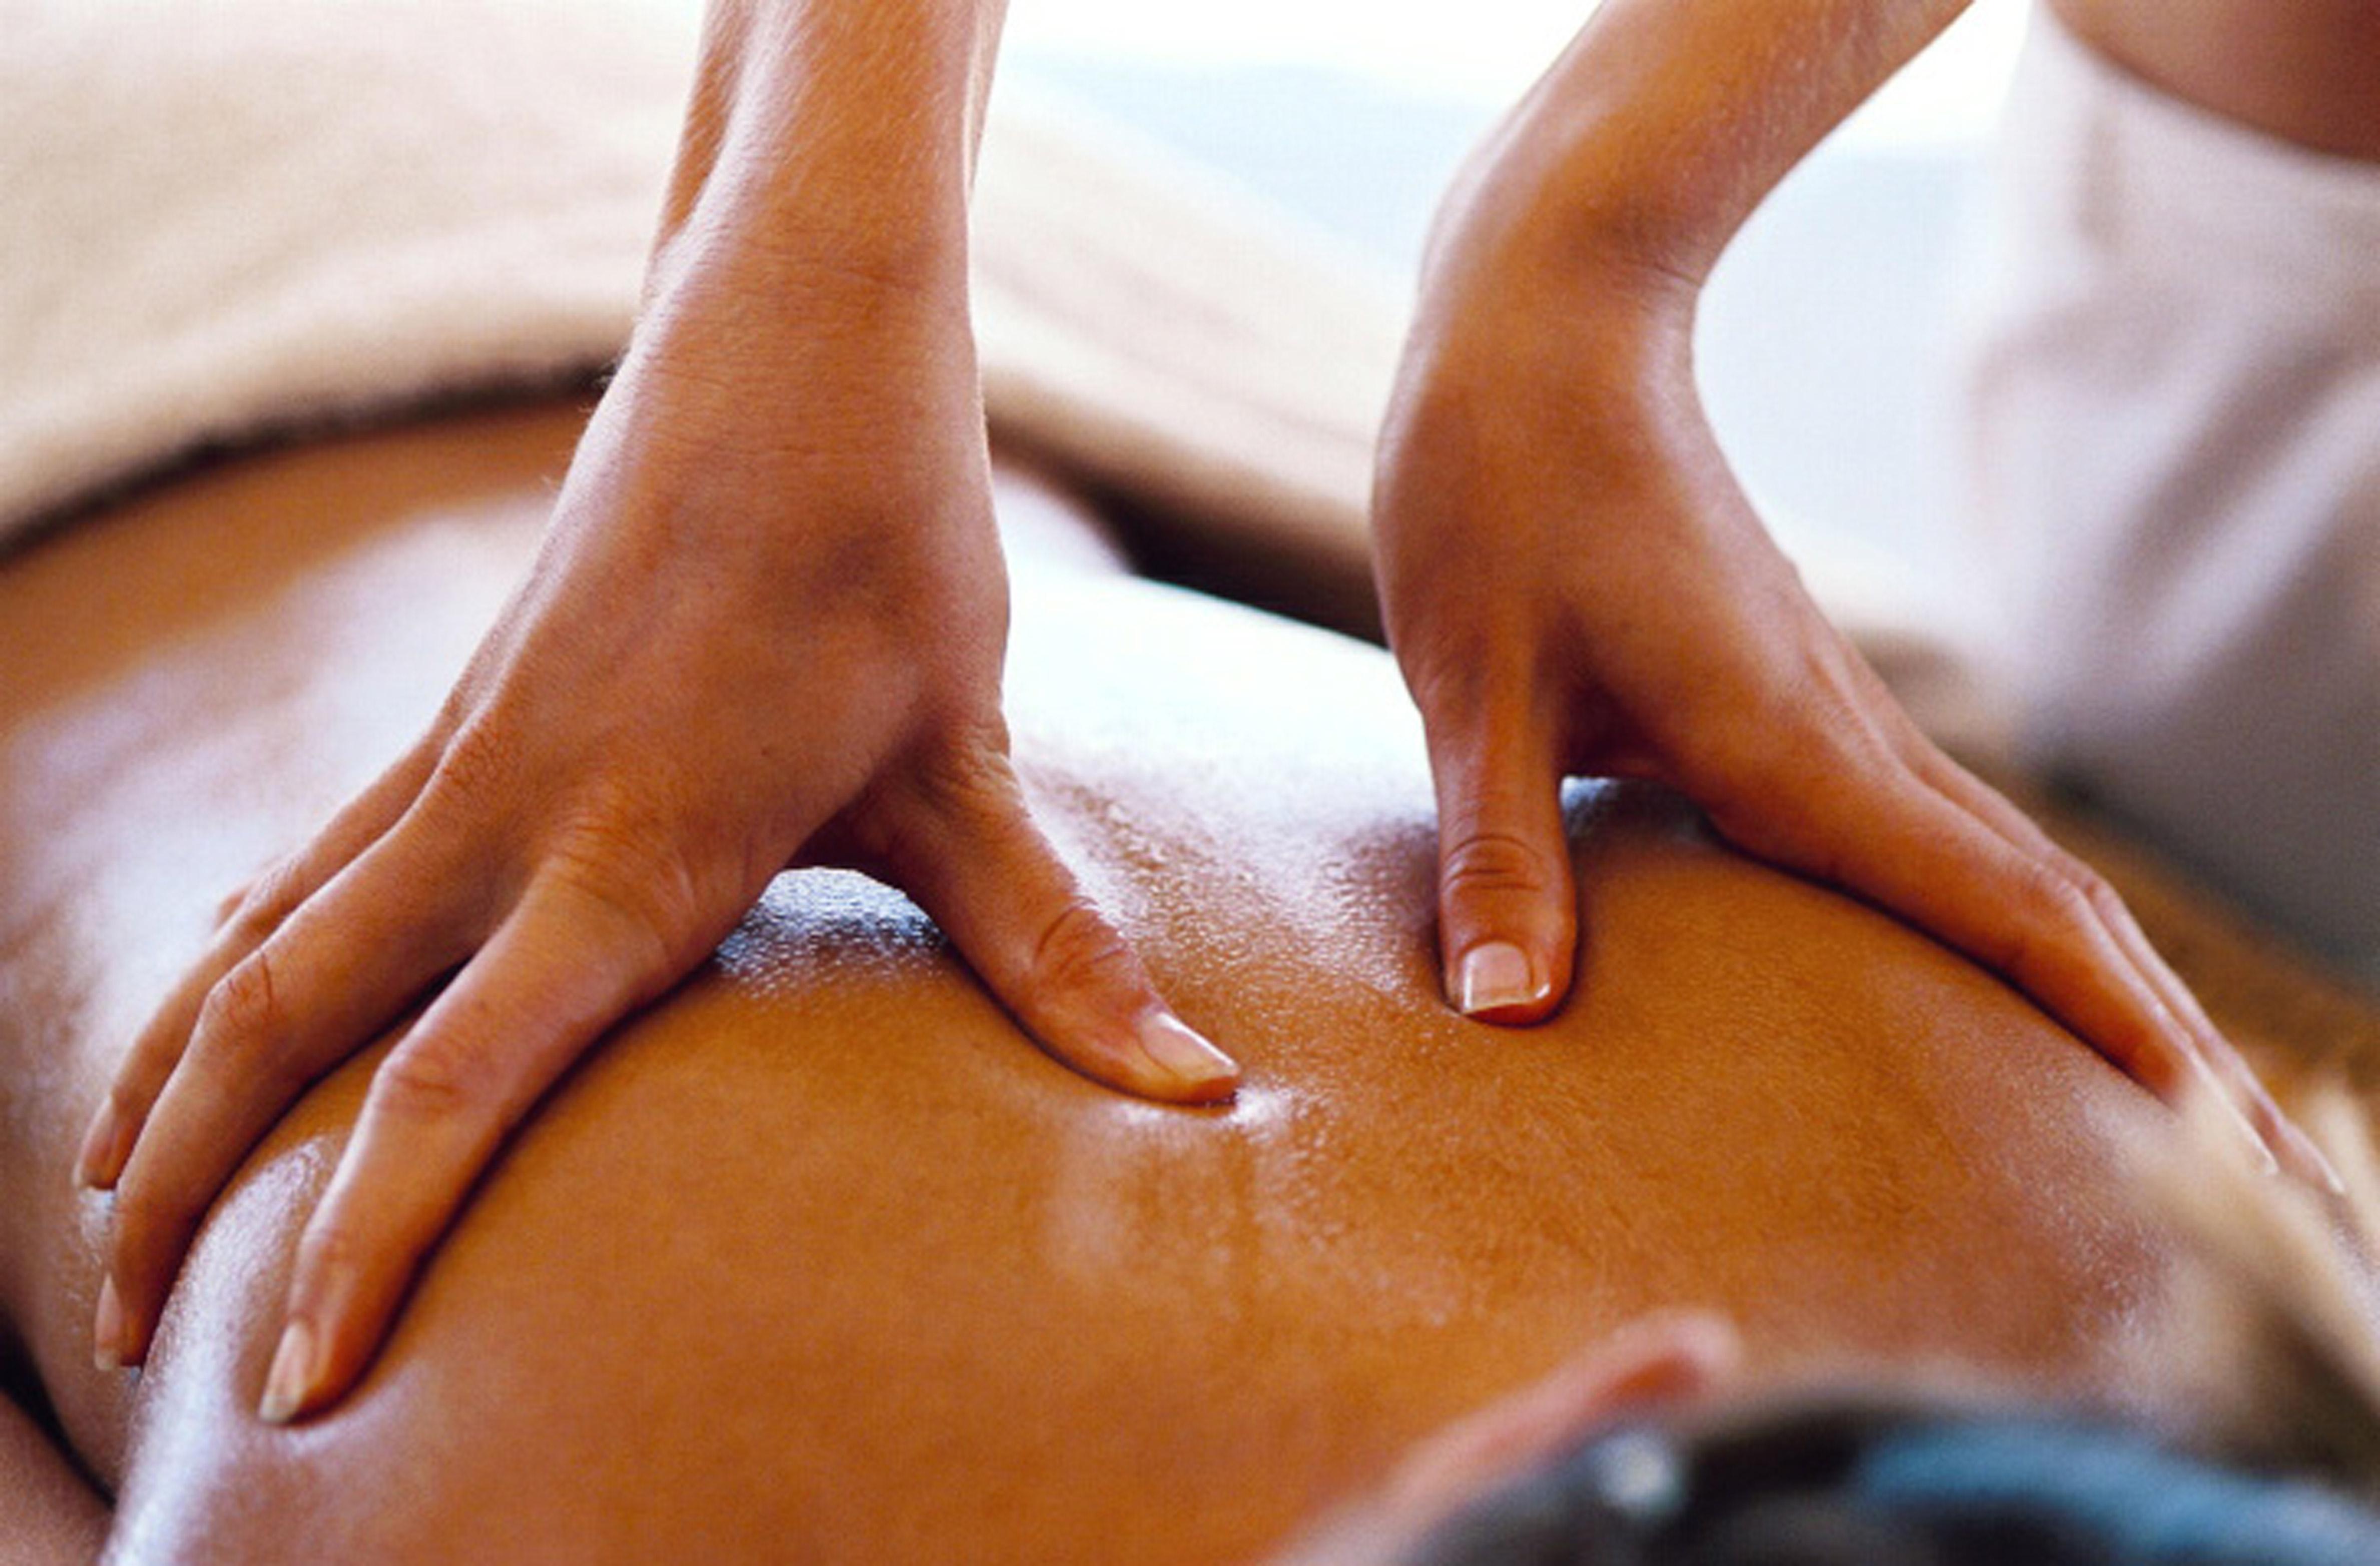 Massaggio di coppia: un vero momento di sensualità e piacere